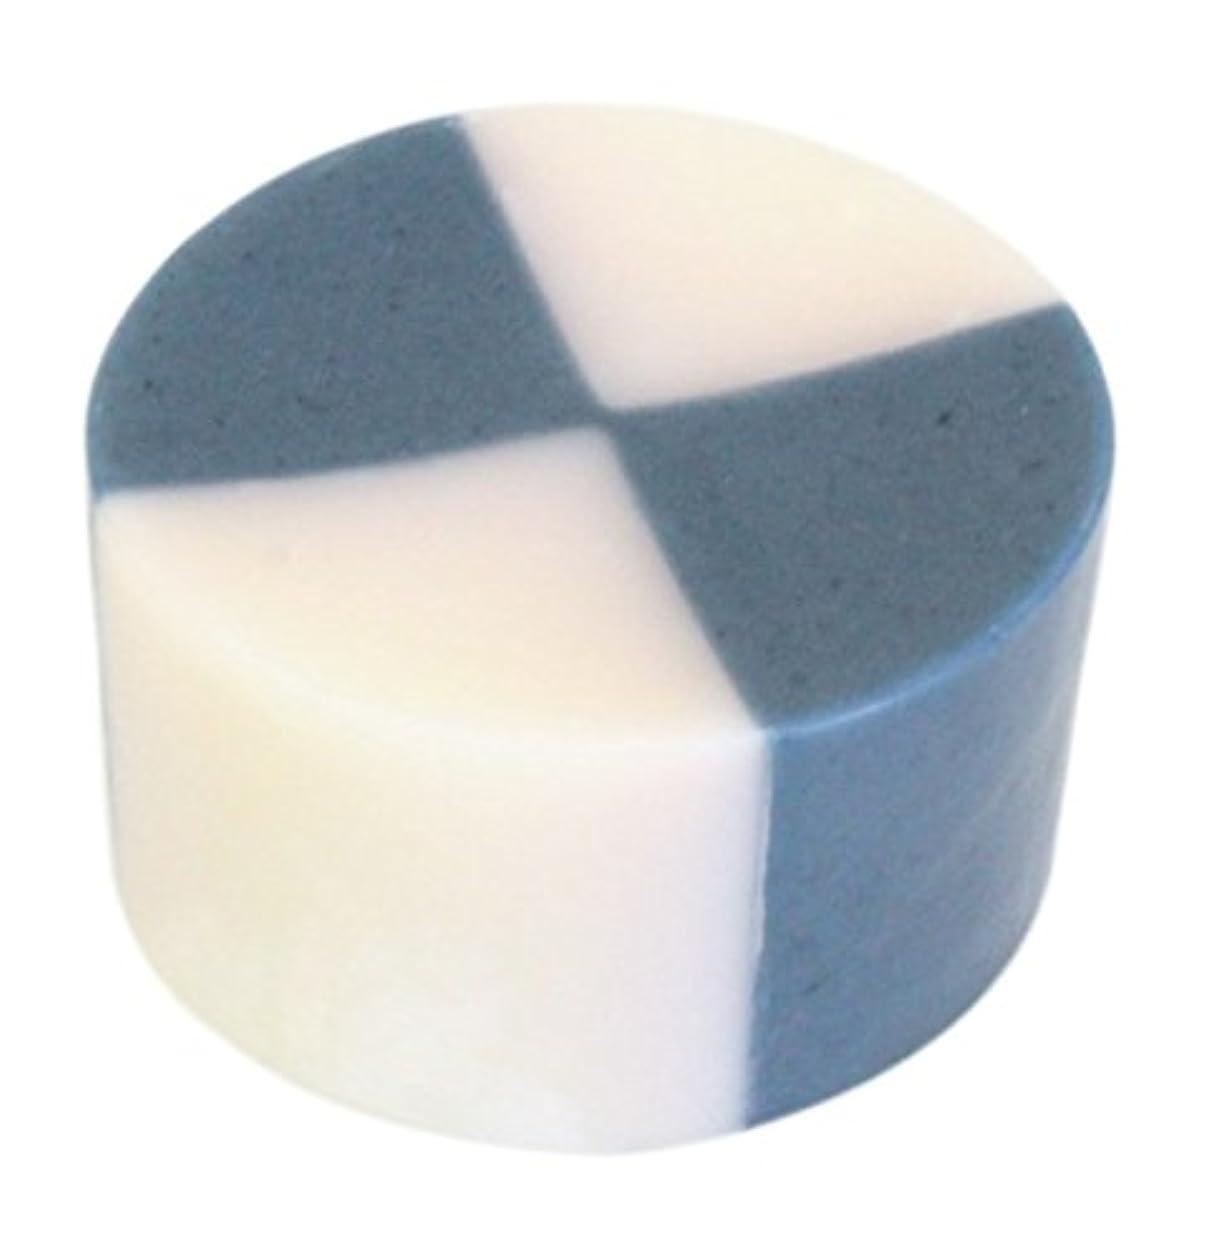 決定するオッズリスク藍色工房 藍染め石けん「いちまつ」(60g)